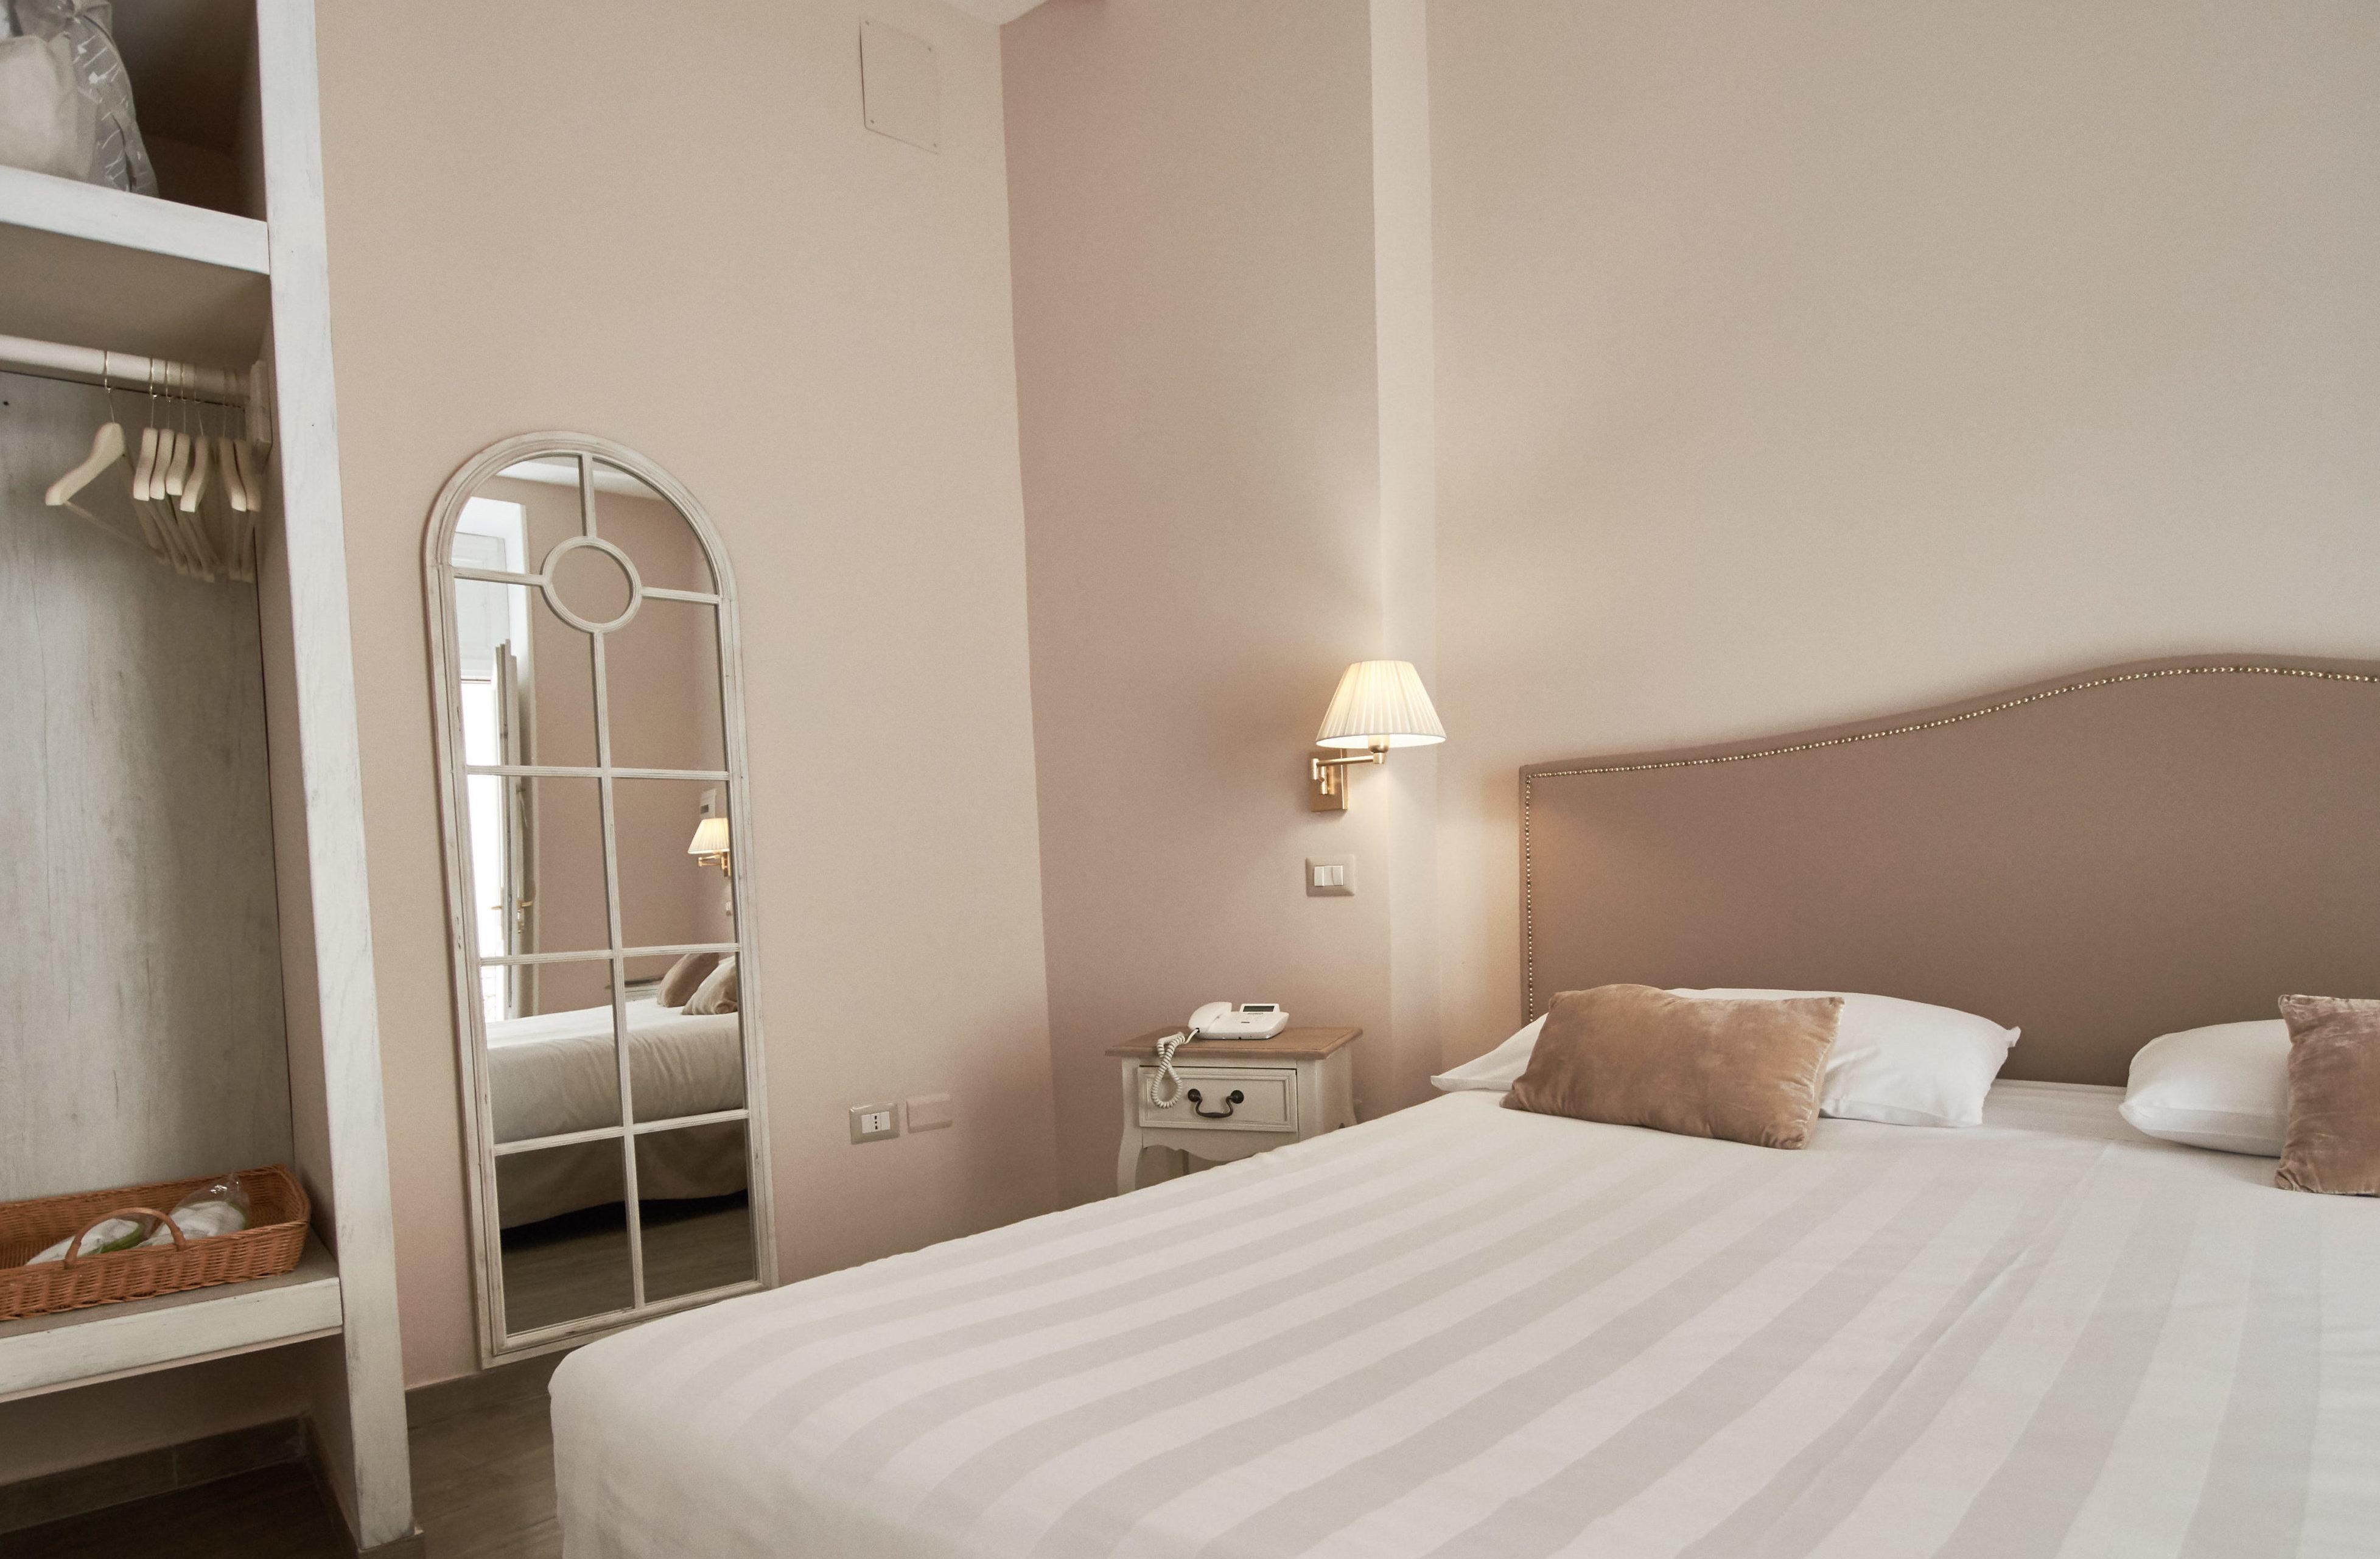 camera superior - letto